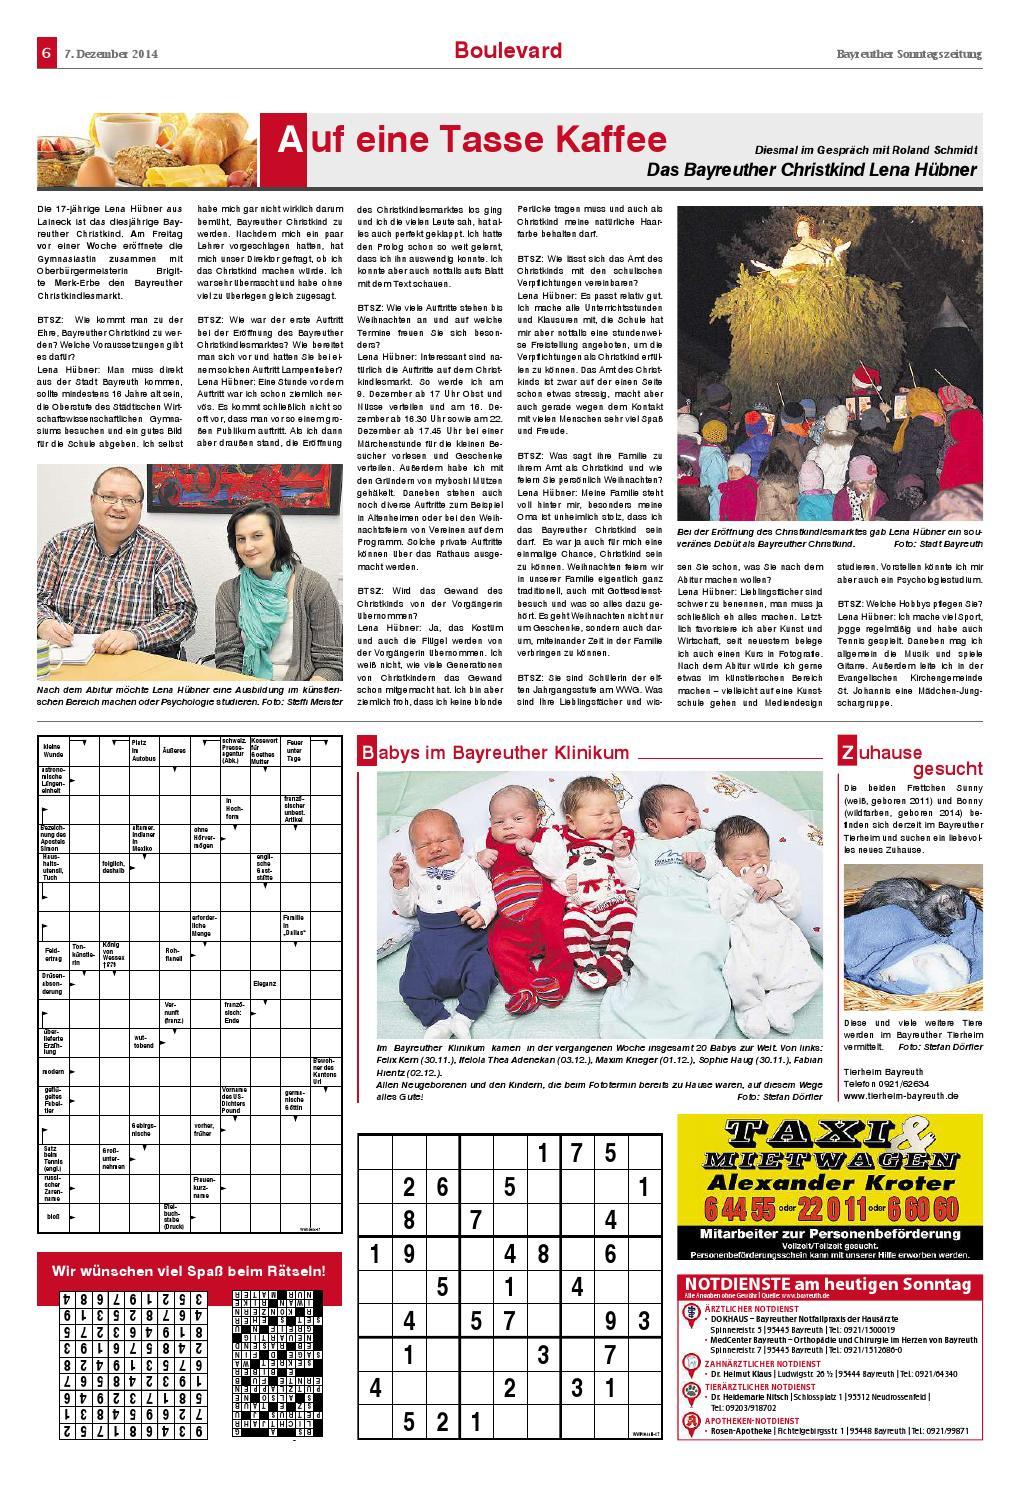 Bayreuther Sonntagszeitung 07 12 2014 By Bayreuther verwandt mit Geflügeltes Fabeltier Rätsel